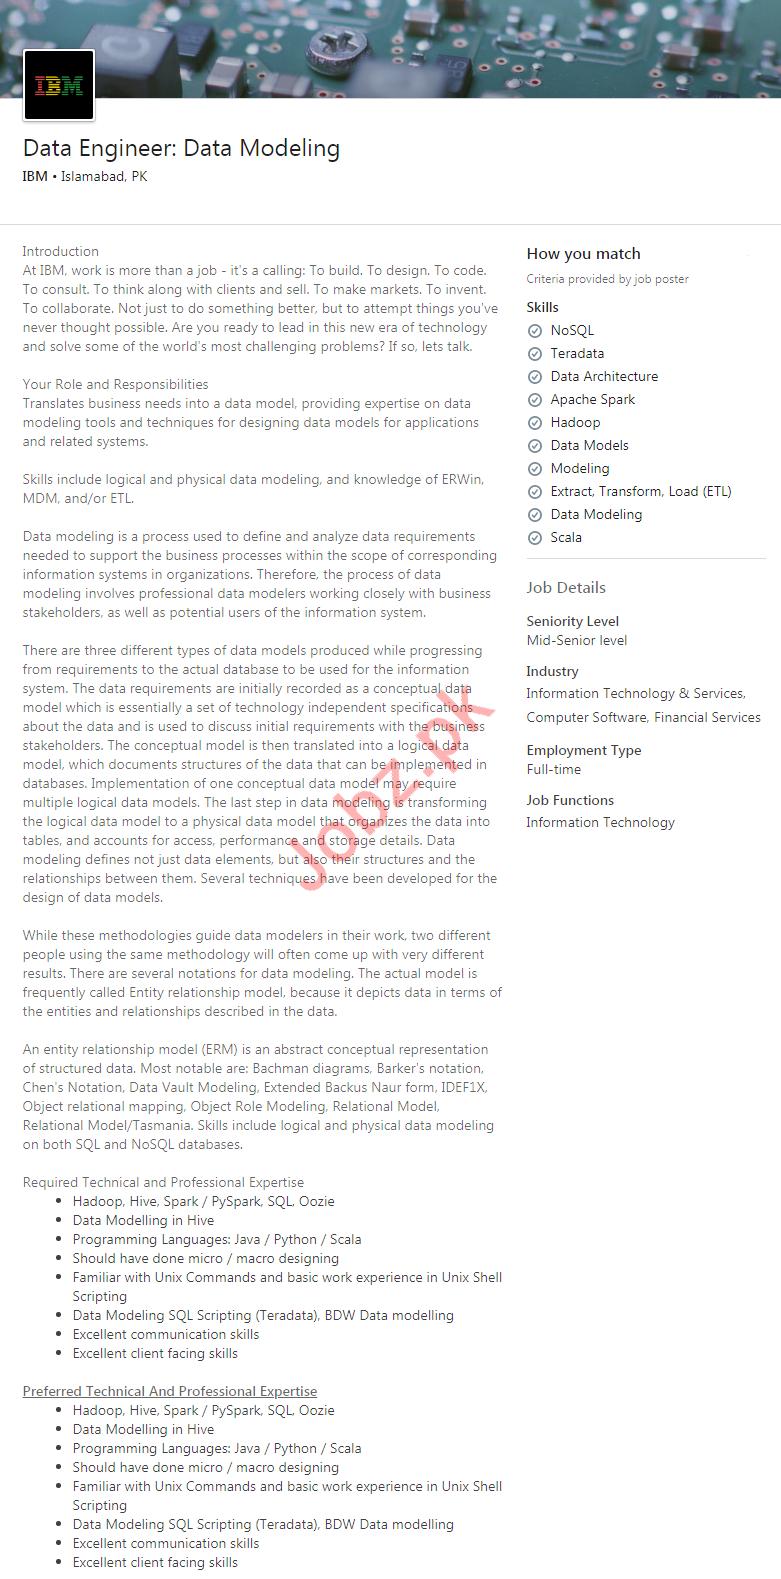 Data Engineer Jobs in IBM Computers Pakistan